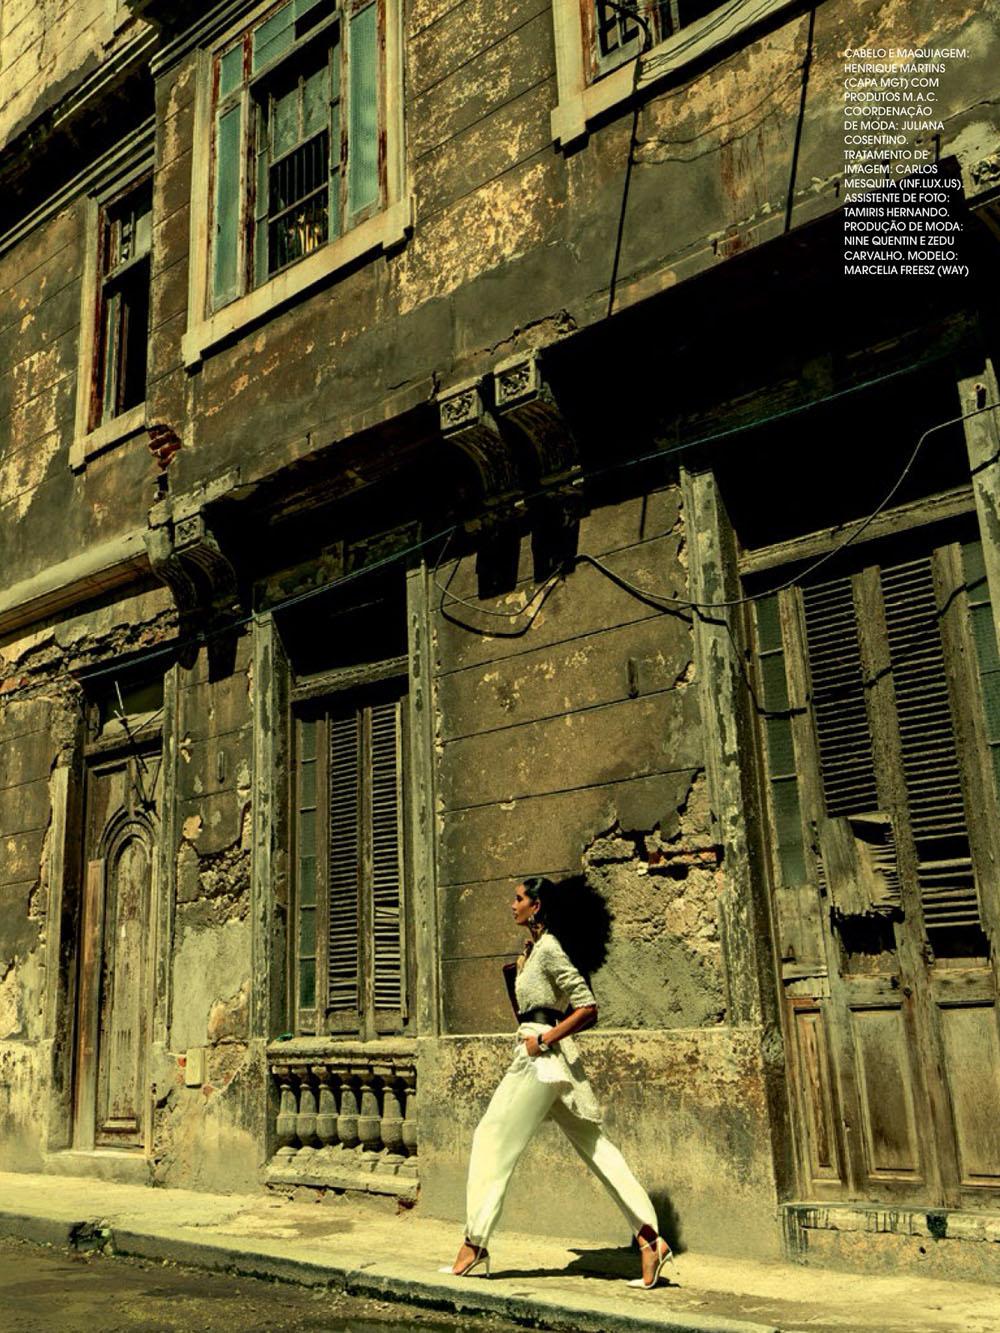 marcelia-freesz-fernando-louza-marie-claire-brazil019.jpg